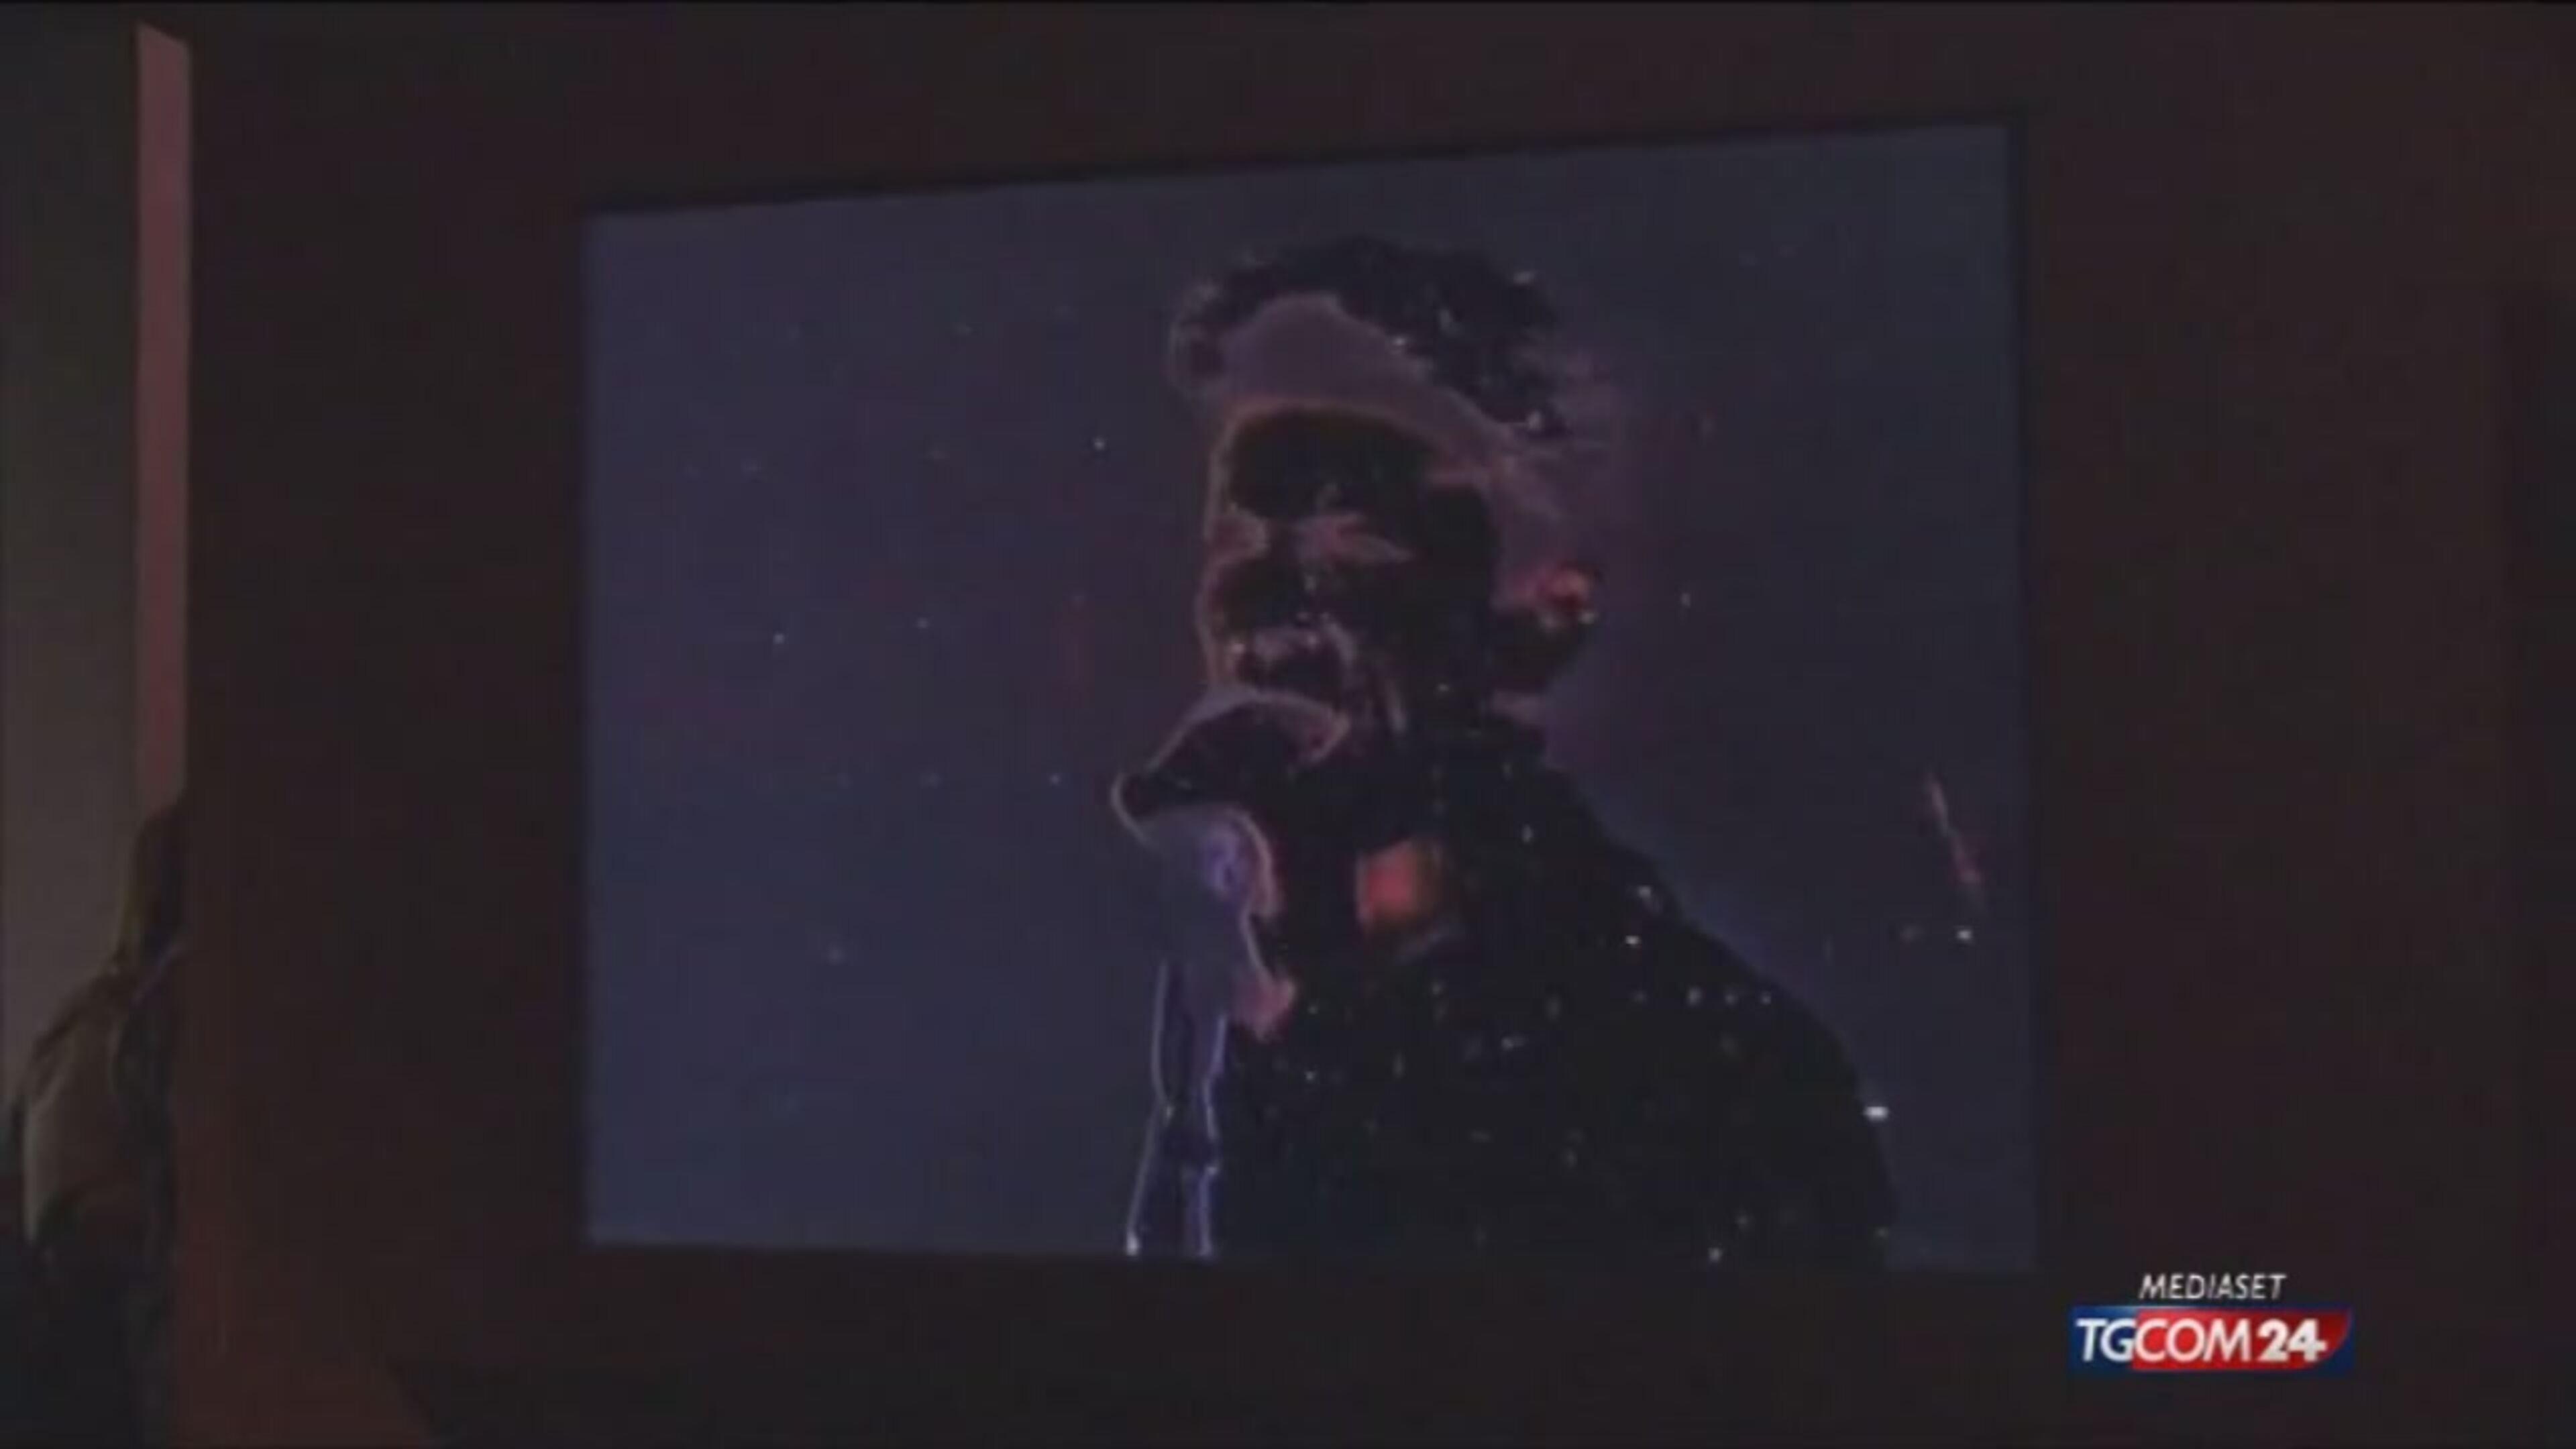 A Bologna la mostra di David Bowie